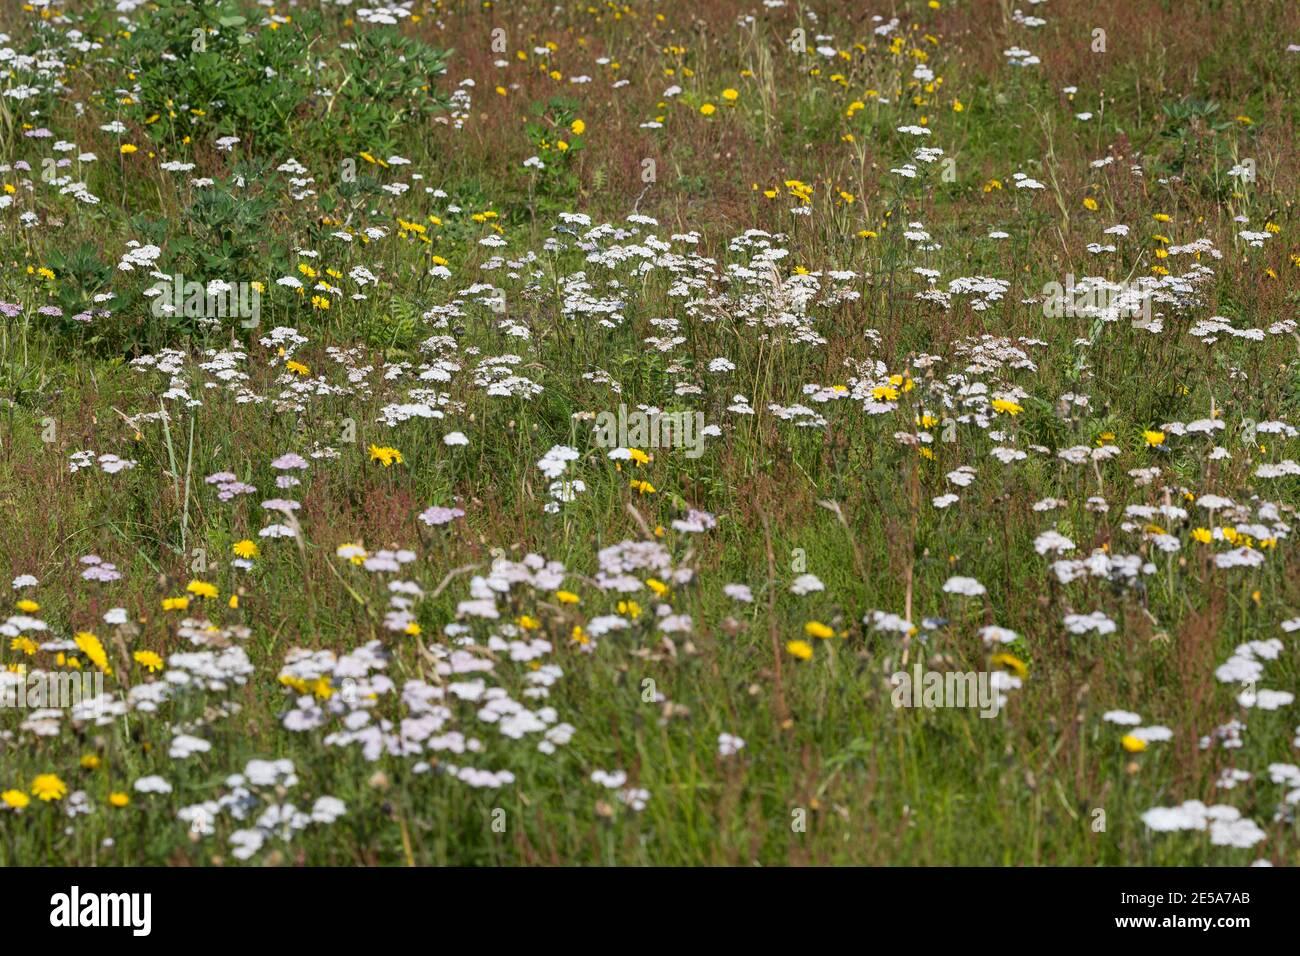 Yarrow común, milfoil (Achillea millefolium), floreciendo en un prado, Islandia Foto de stock